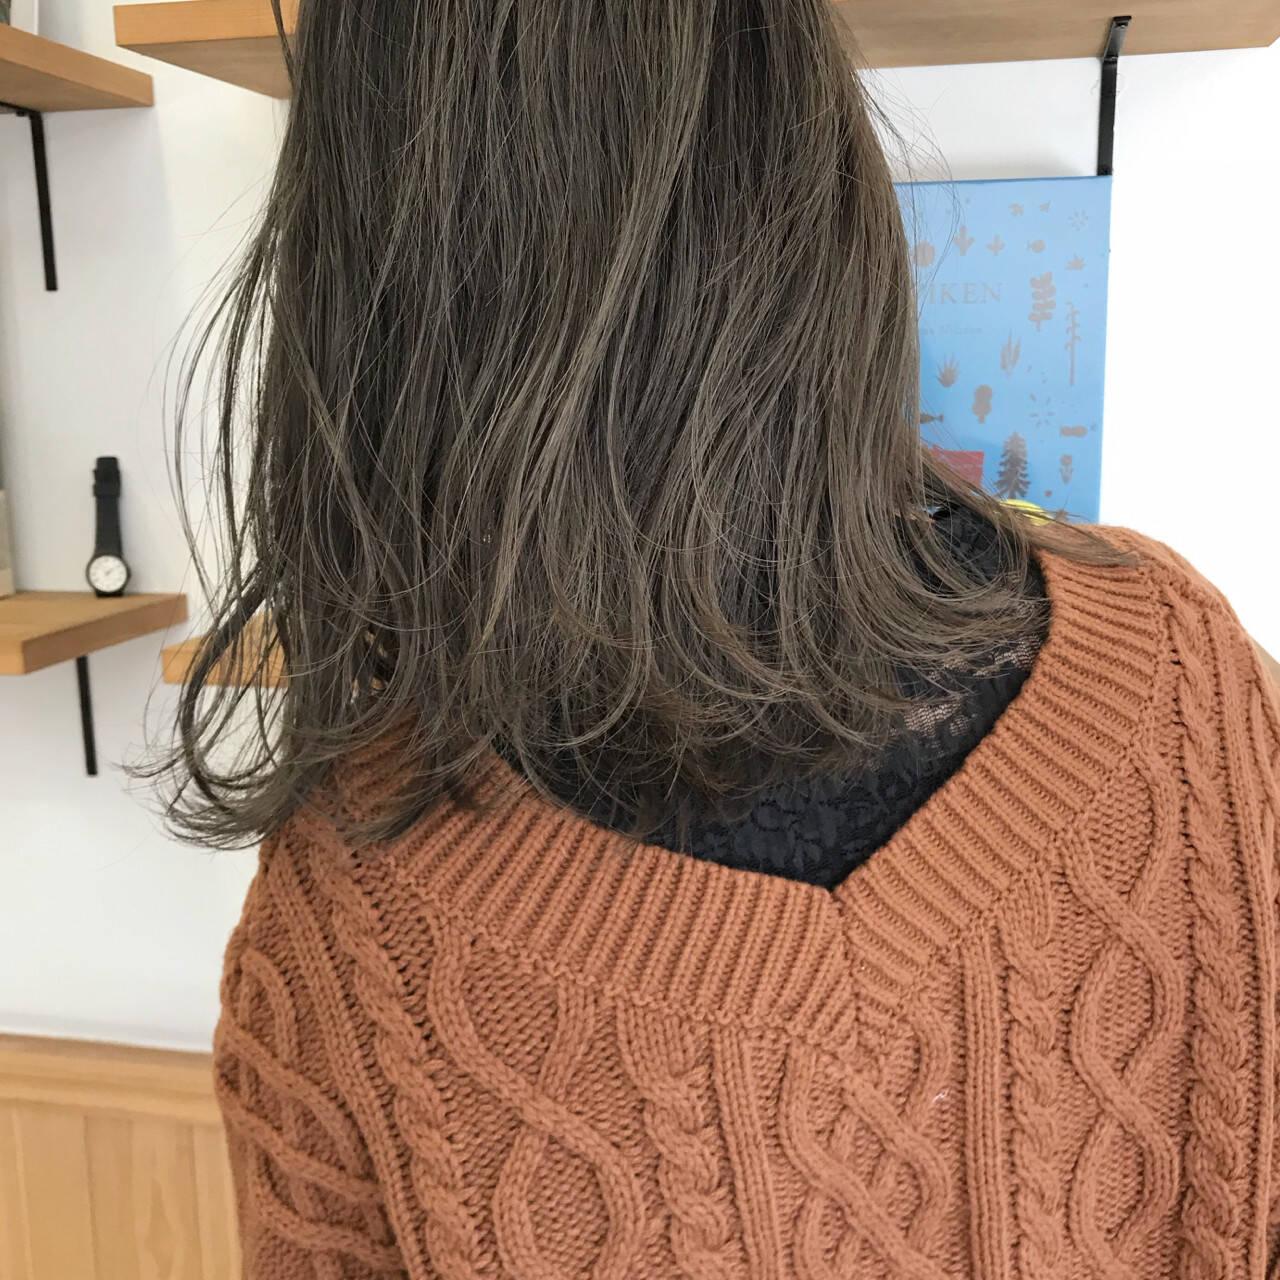 アンニュイ ゆるふわ ハイライト ロブヘアスタイルや髪型の写真・画像